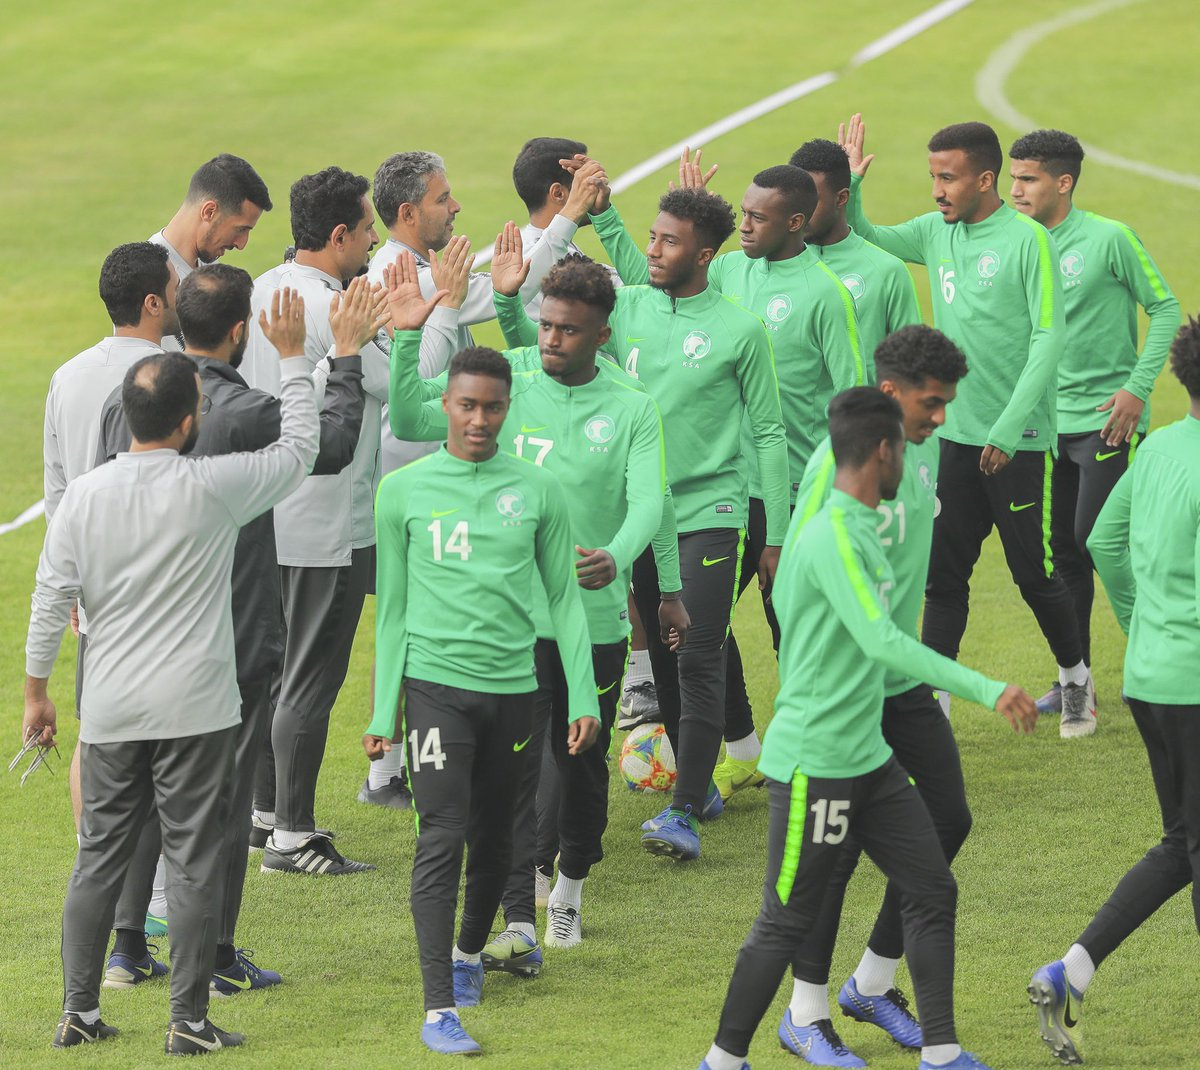 مشاهدة مباراة السعودية وبنما بث مباشر 31-05-2019 الشباب